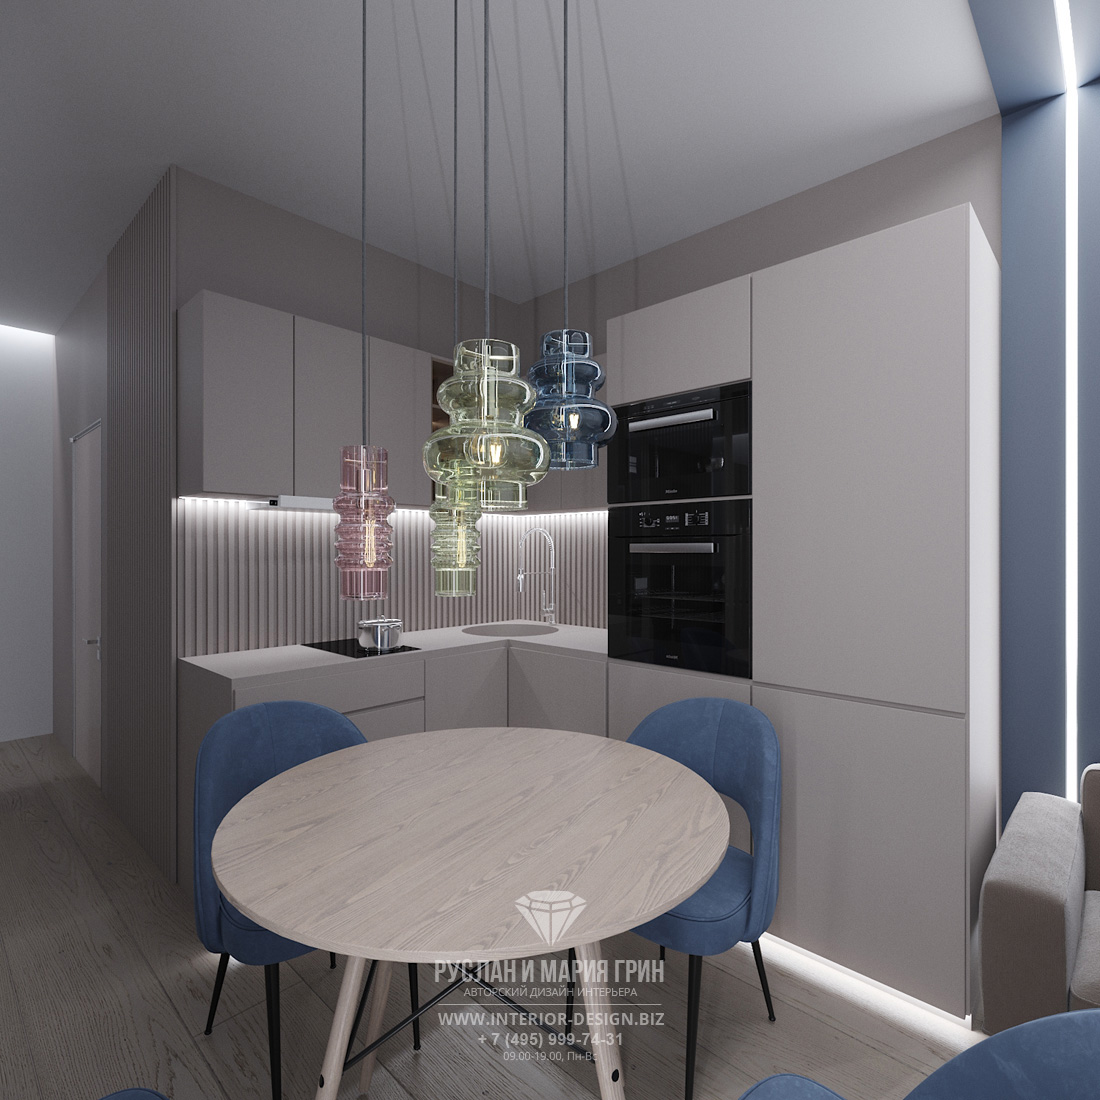 Дизайн маленькой угловой кухни в стиле минимализм